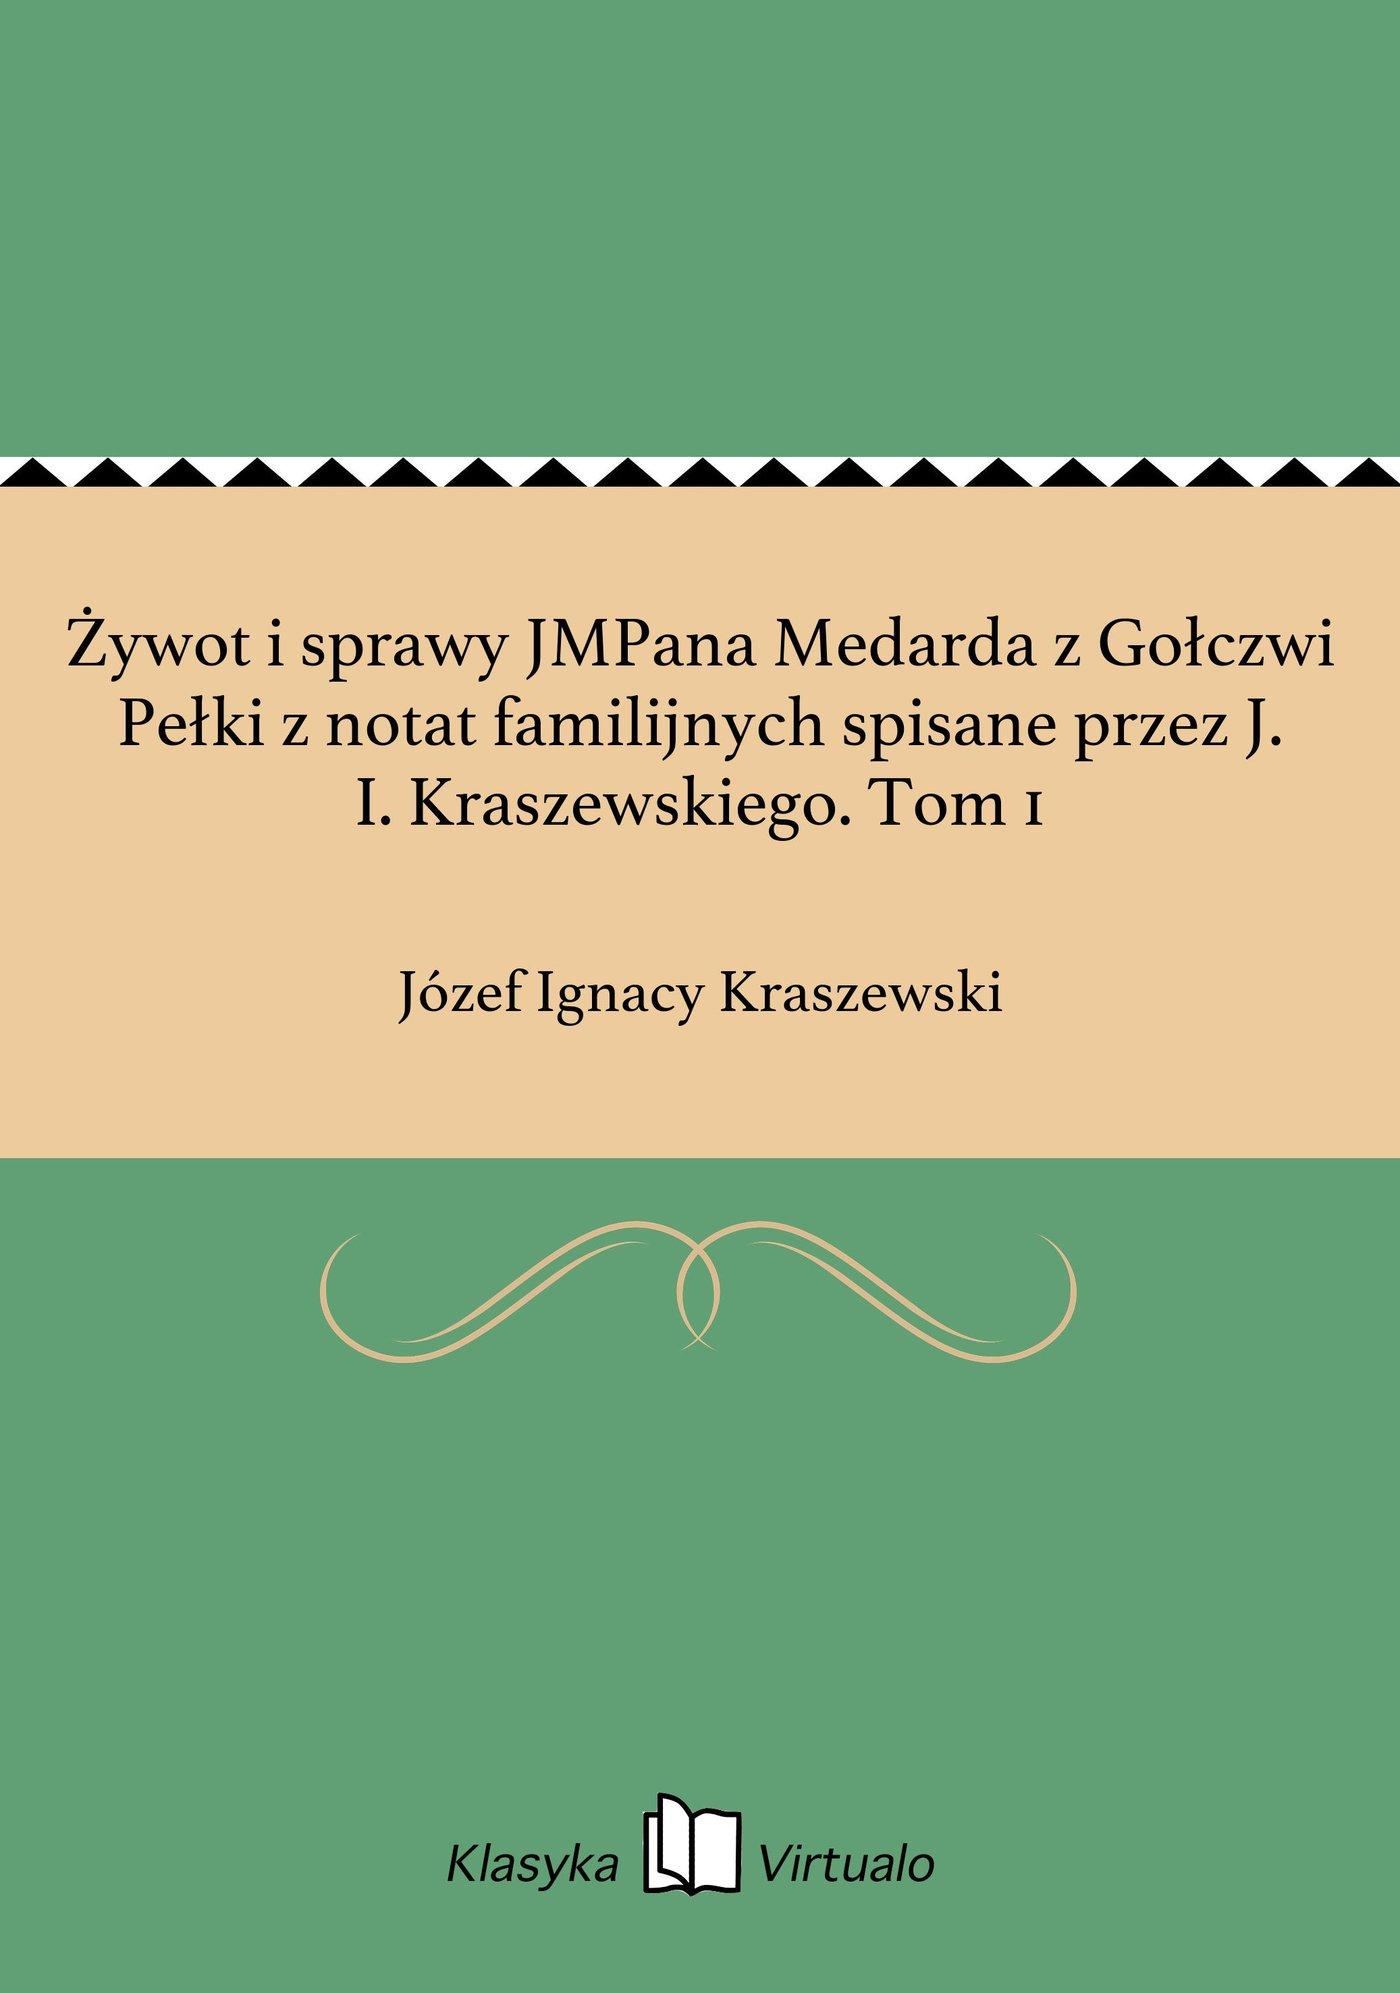 Żywot i sprawy JMPana Medarda z Gołczwi Pełki z notat familijnych spisane przez J. I. Kraszewskiego. Tom 1 - Ebook (Książka EPUB) do pobrania w formacie EPUB